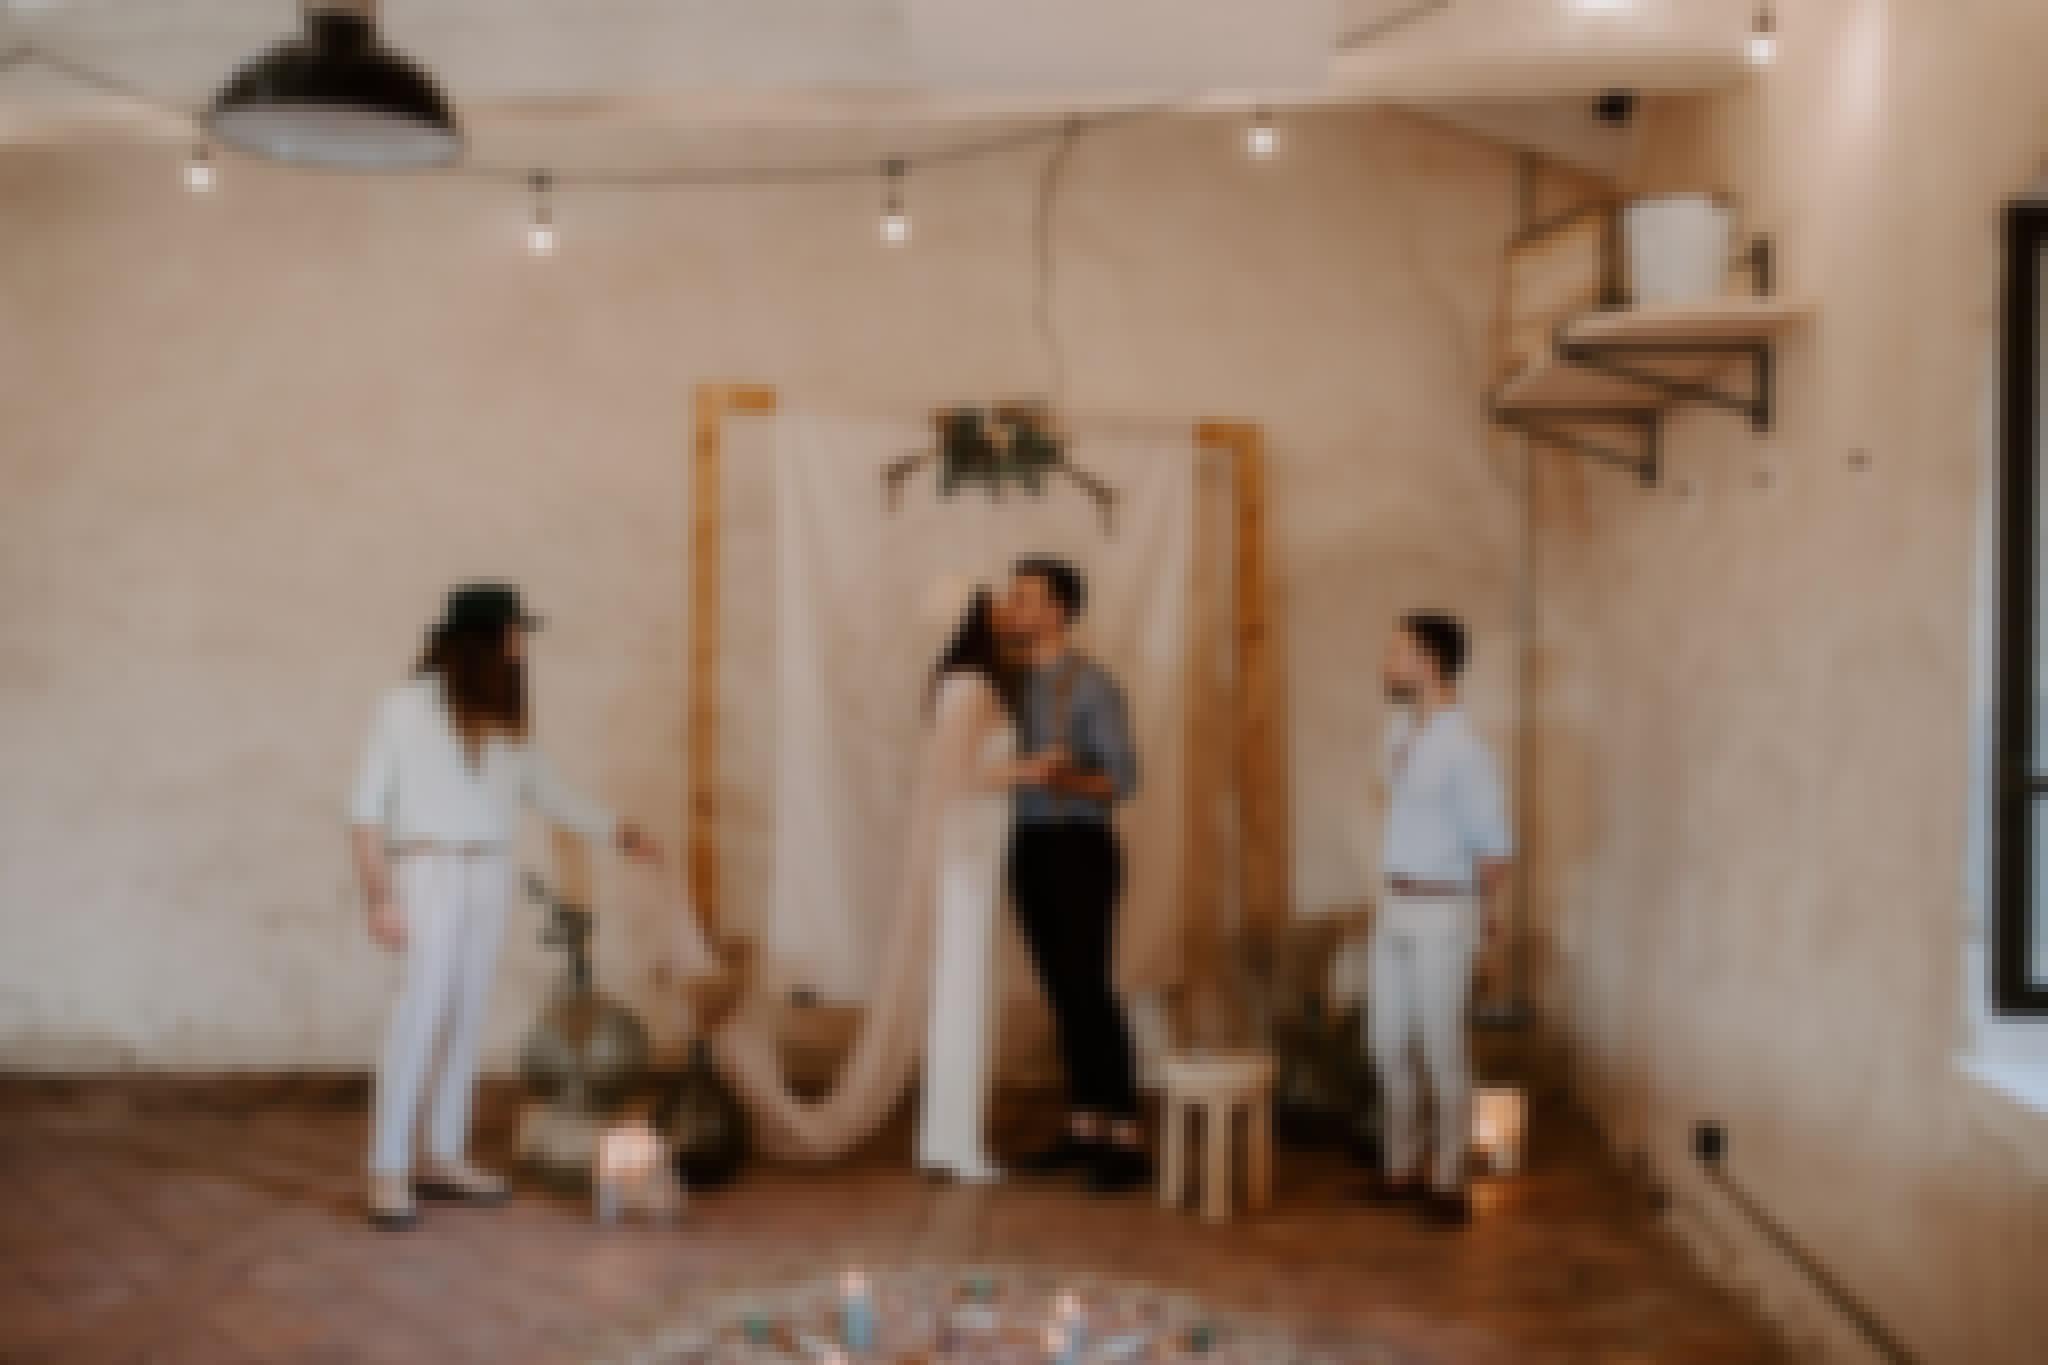 Cérémonie de mariage décorée sur le thème du mariage terracotta